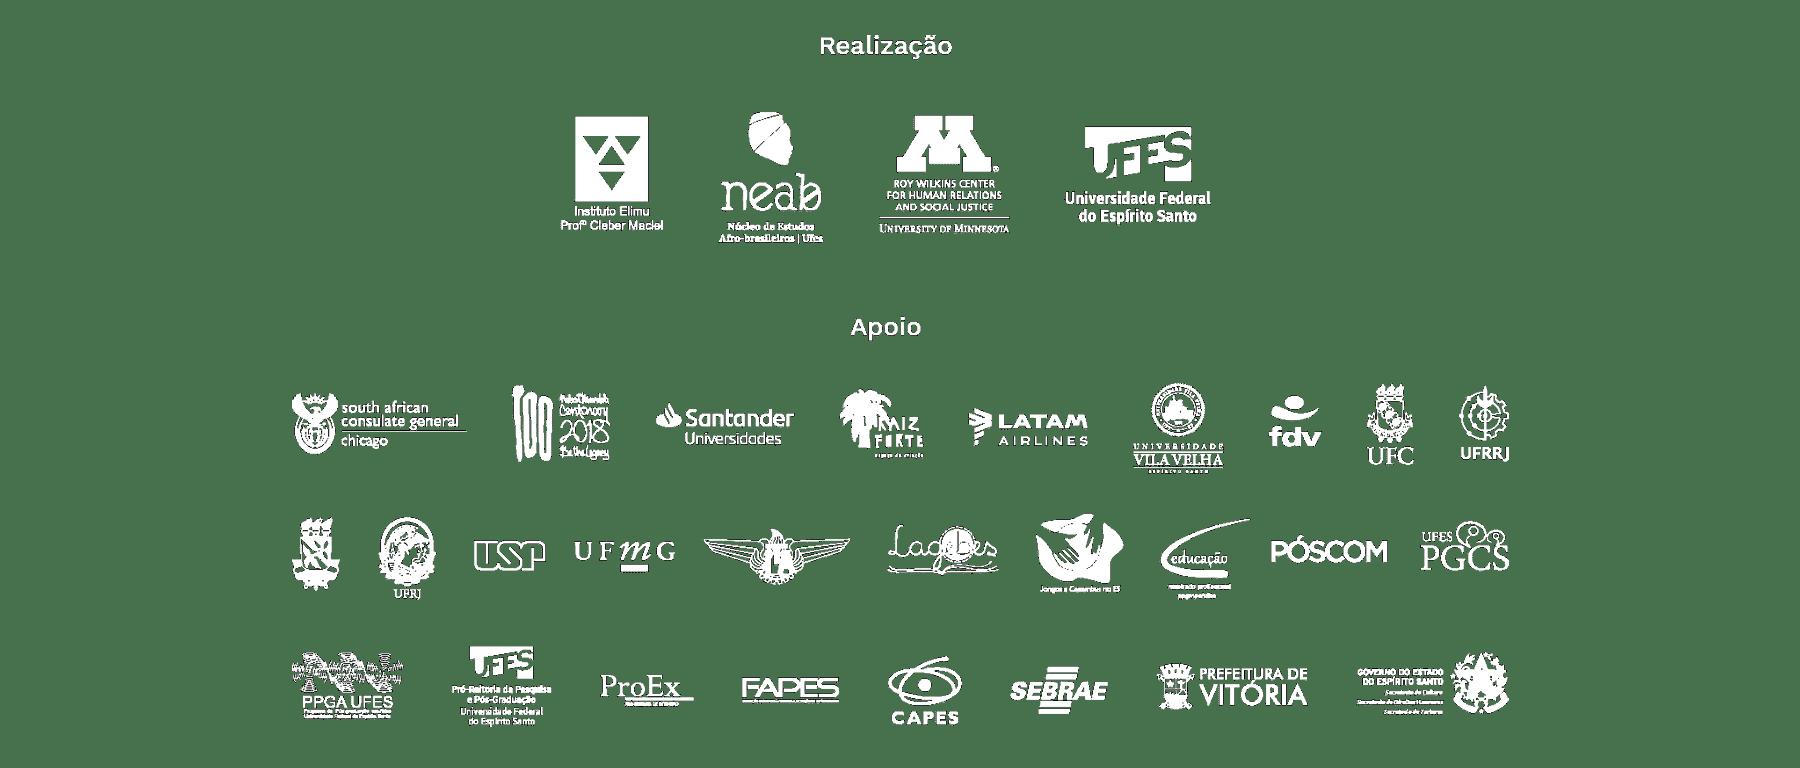 Marcas das instituições apoiadoras do evento